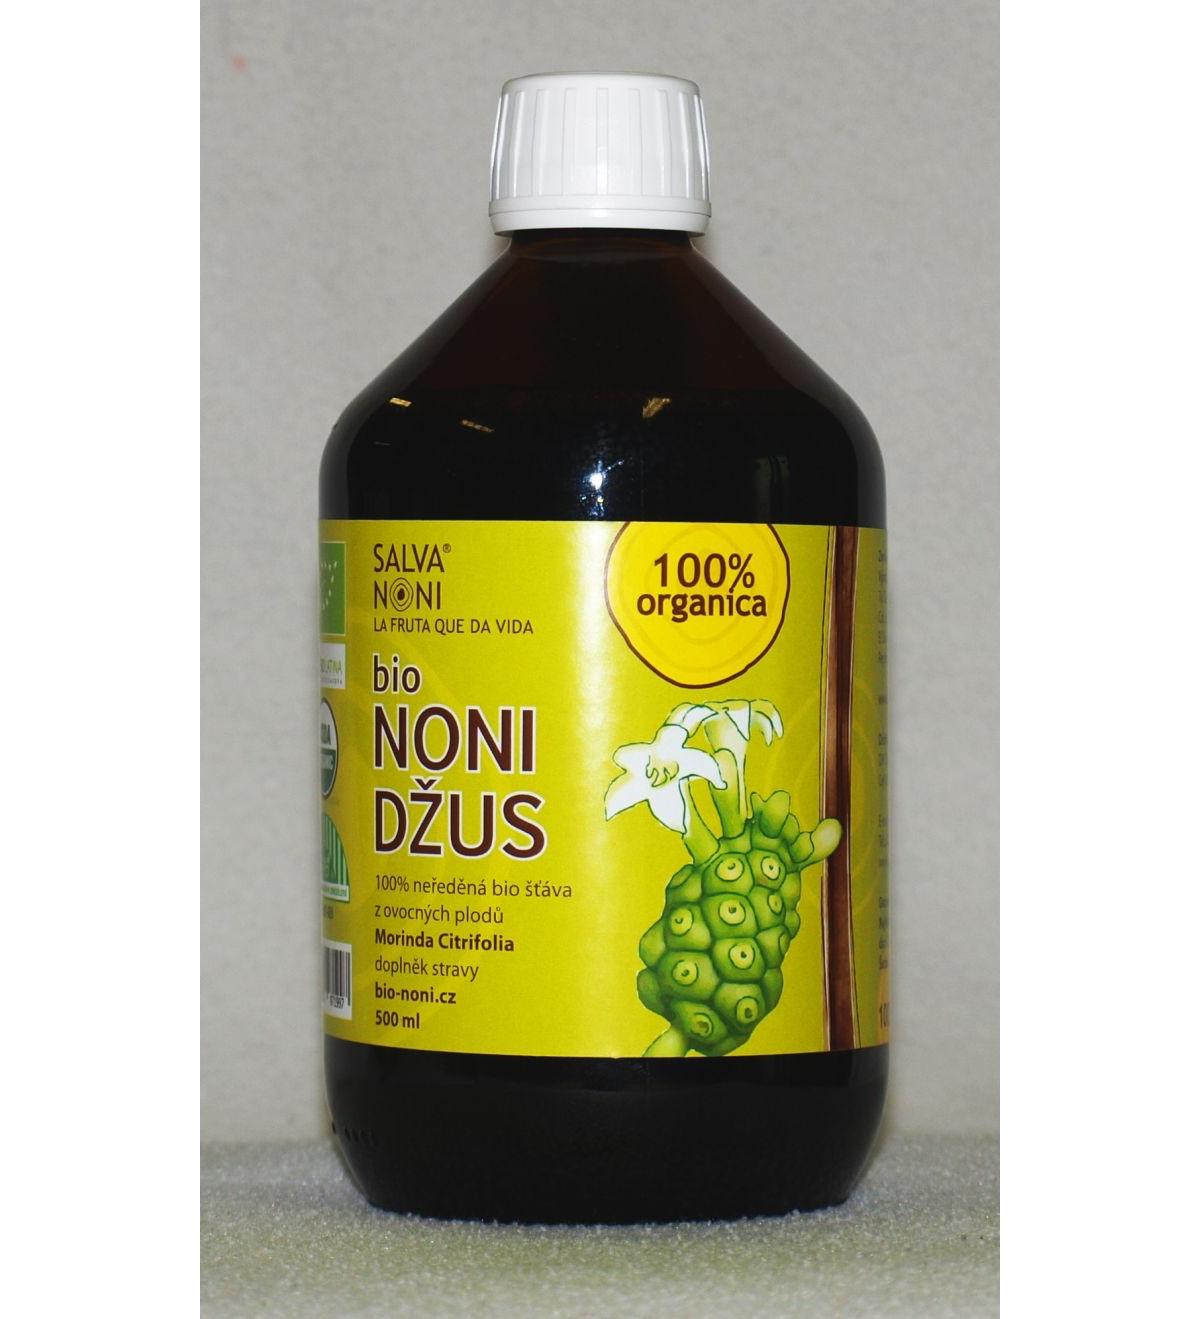 Noni džus - 100% přírodní neředěná bio šťáva z ovocných plodů.